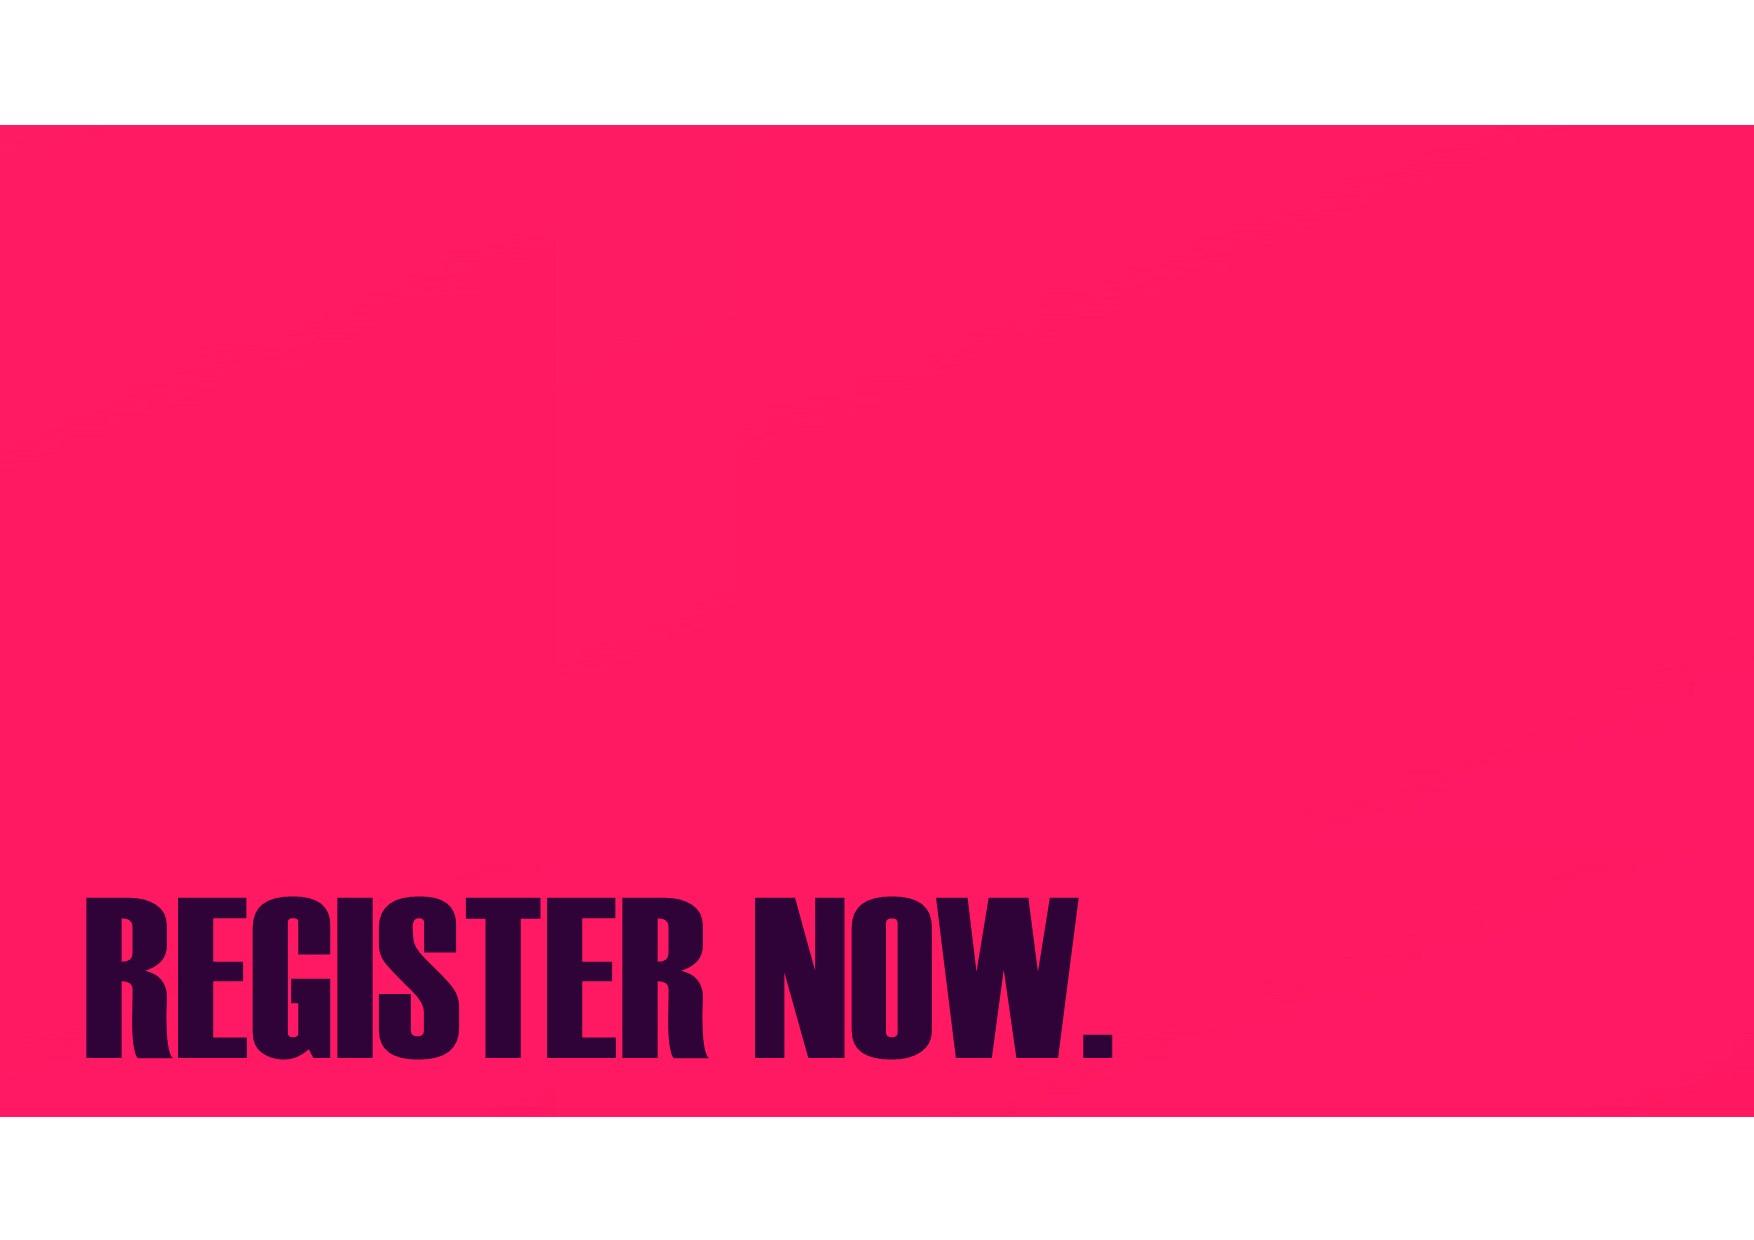 register nw.jpg